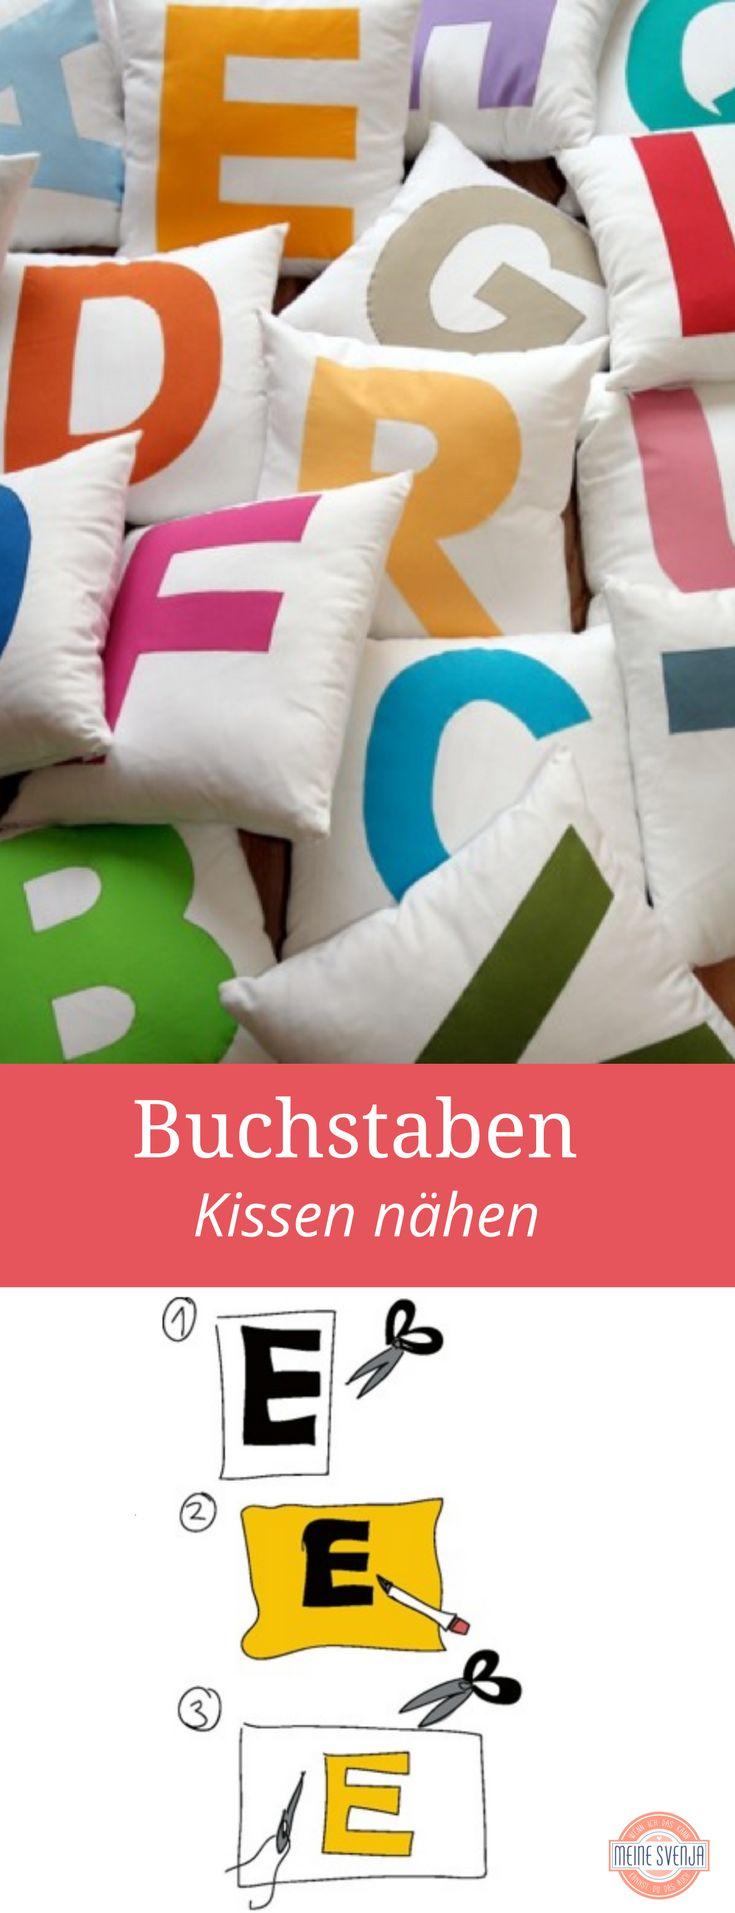 Inspirational Buchstaben n hen in Kissenform f r das Kinderzimmer meine Kinder hatten ihre Buchstabenkissen schon immer mit